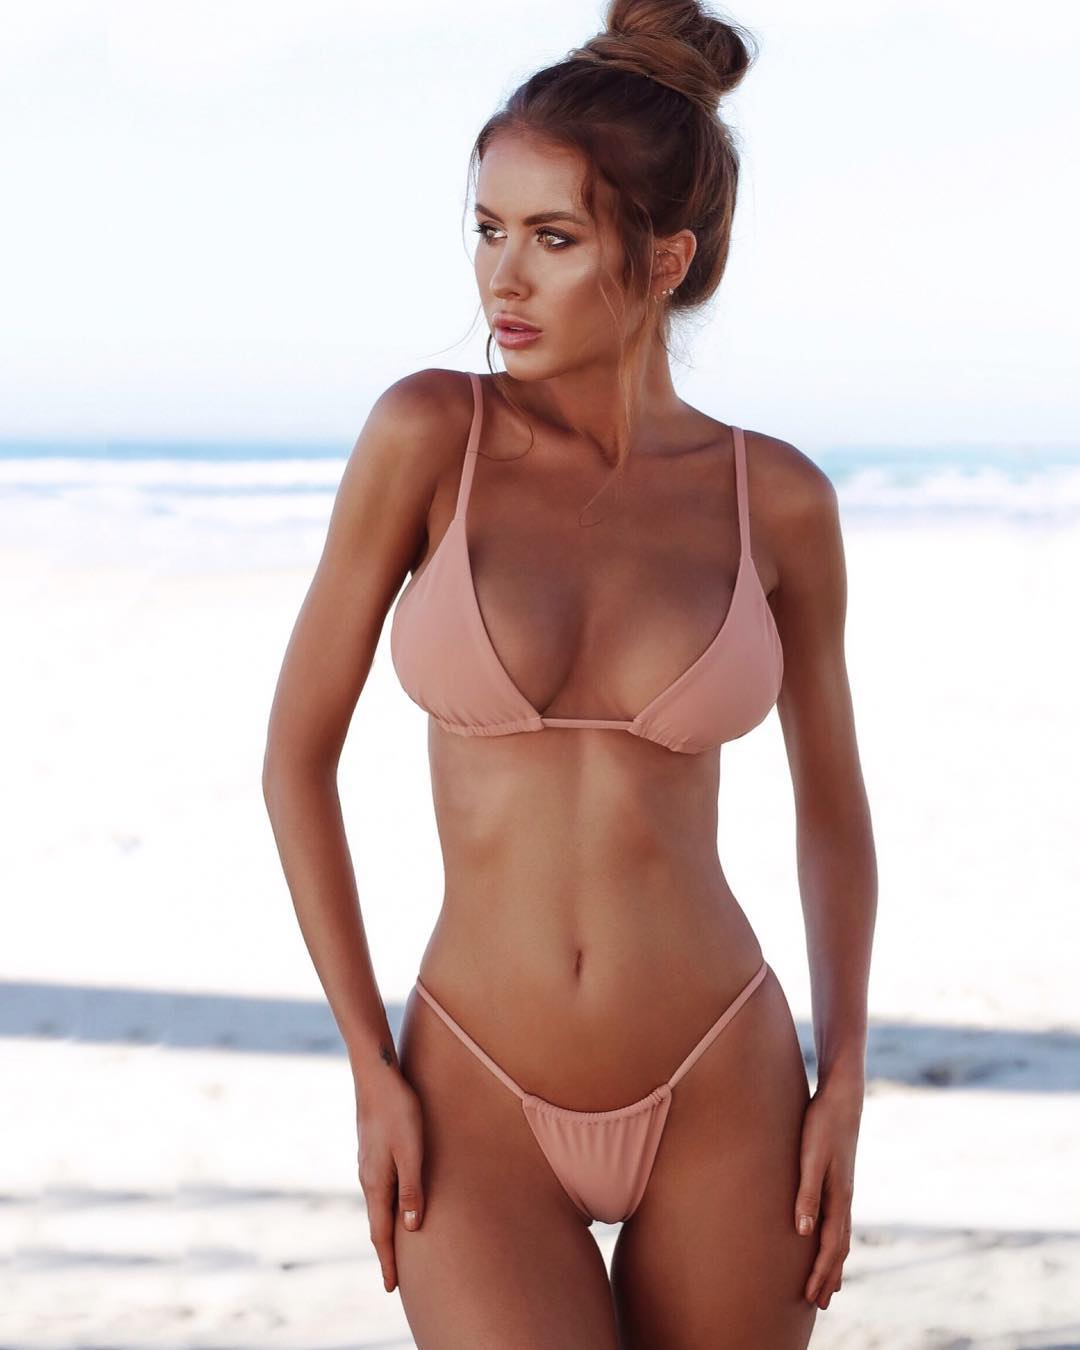 2019 Renee Somerfield nude (91 foto and video), Sexy, Cleavage, Selfie, bra 2006